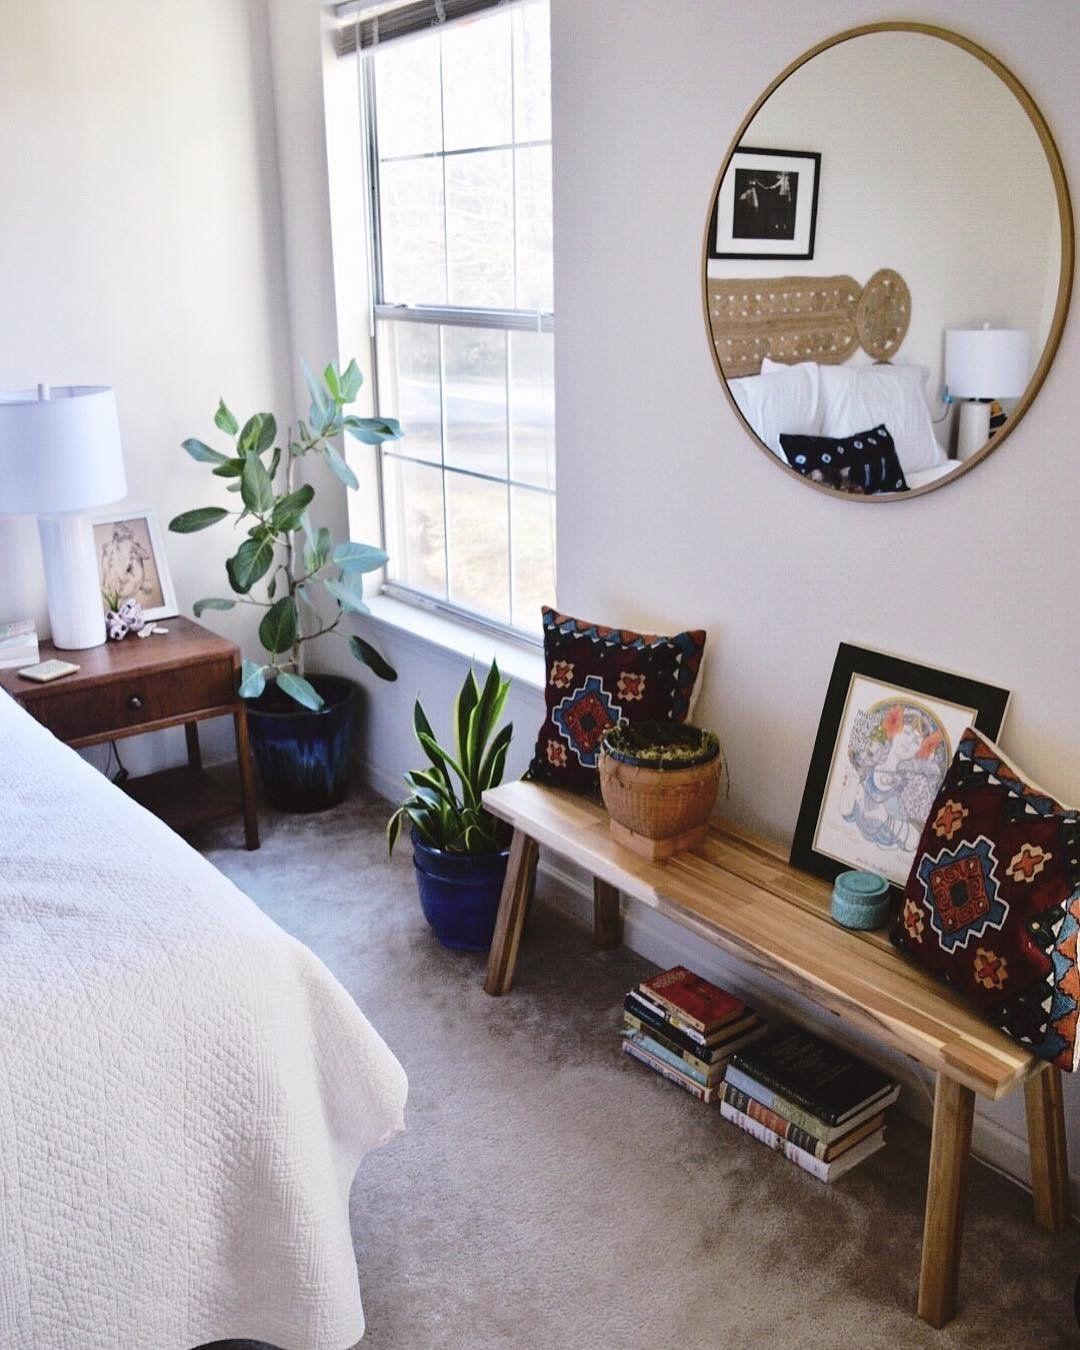 Styling idee voor de slaapkamer - Slaapkamer   Pinterest ...